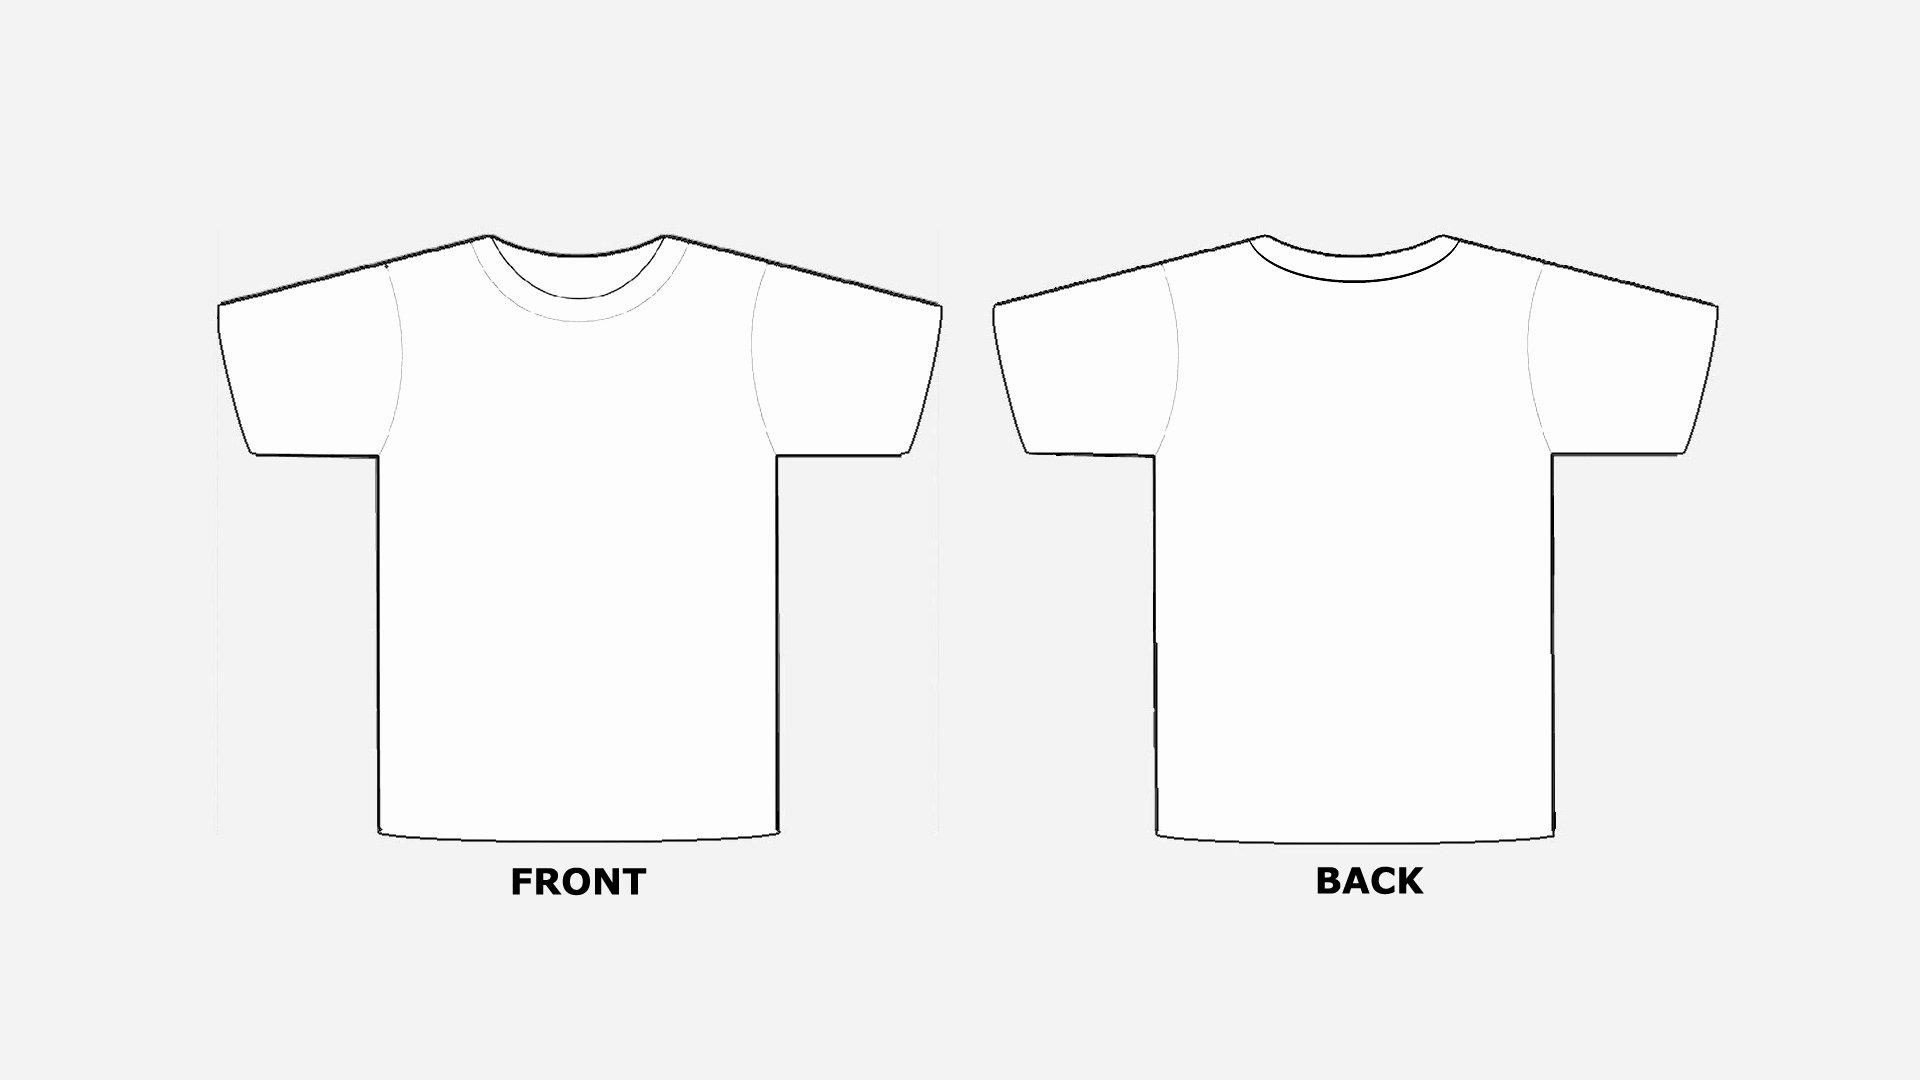 Blank Tshirt Template Printable In Hd Hd Wallpapers